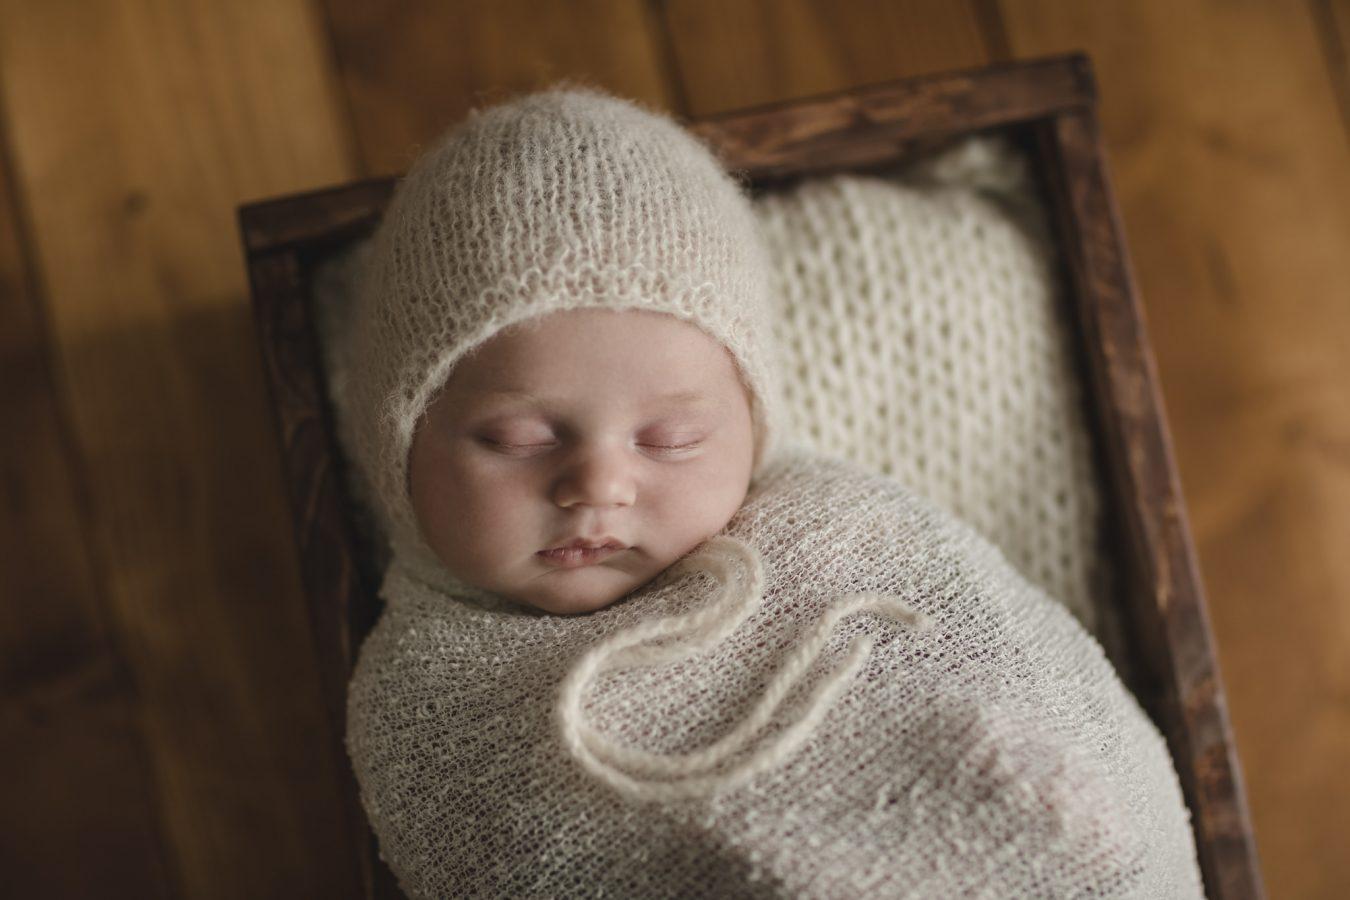 Babyfotograf Hamburg - Baby liegt eingewickelt in einem Körbchen